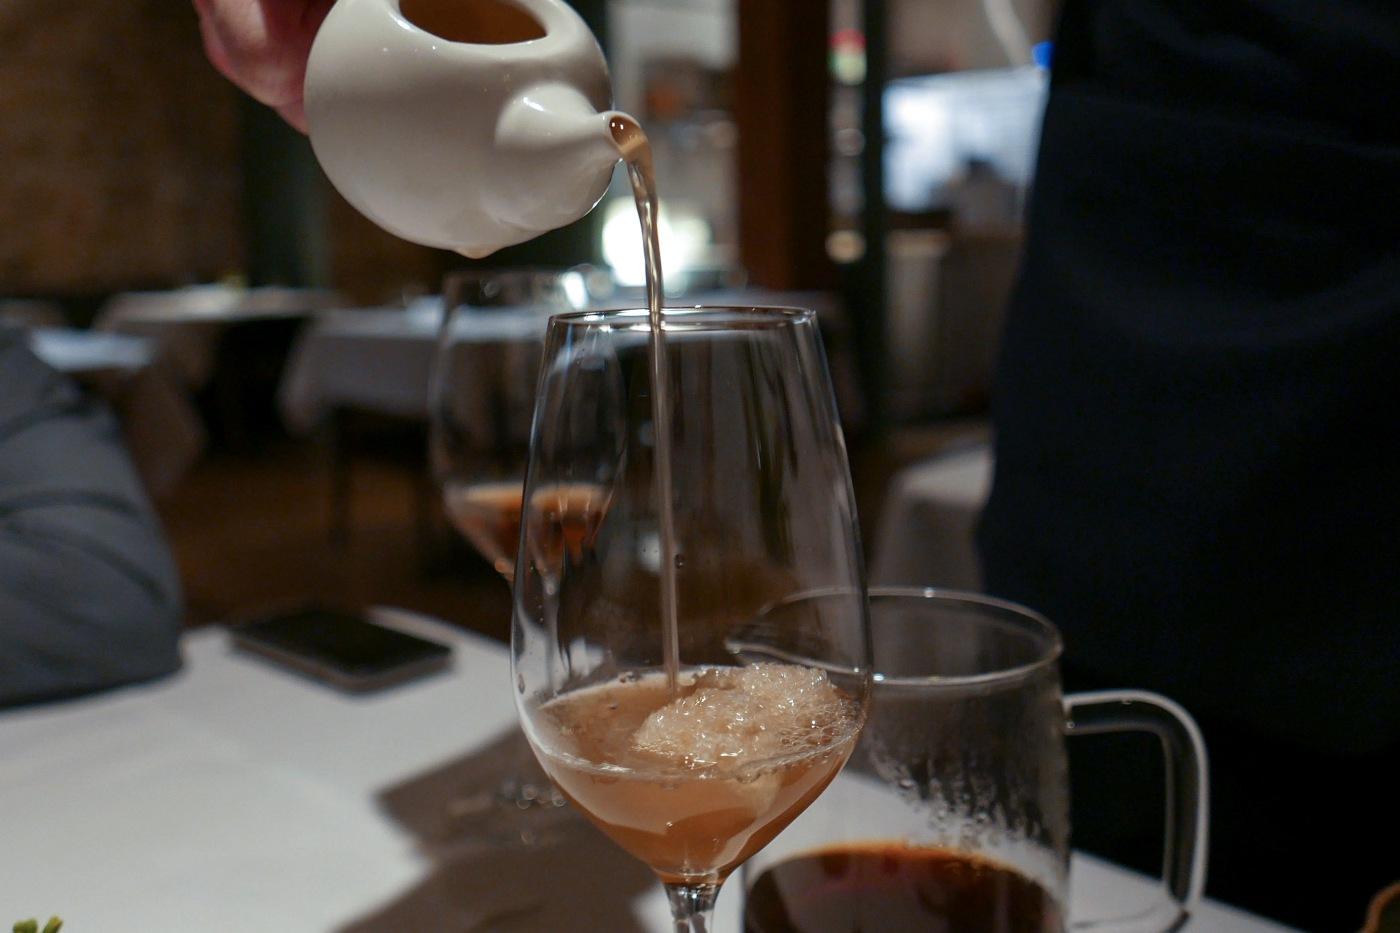 FLORAL sakura blossom tea, cacao juice, dried manuka honey